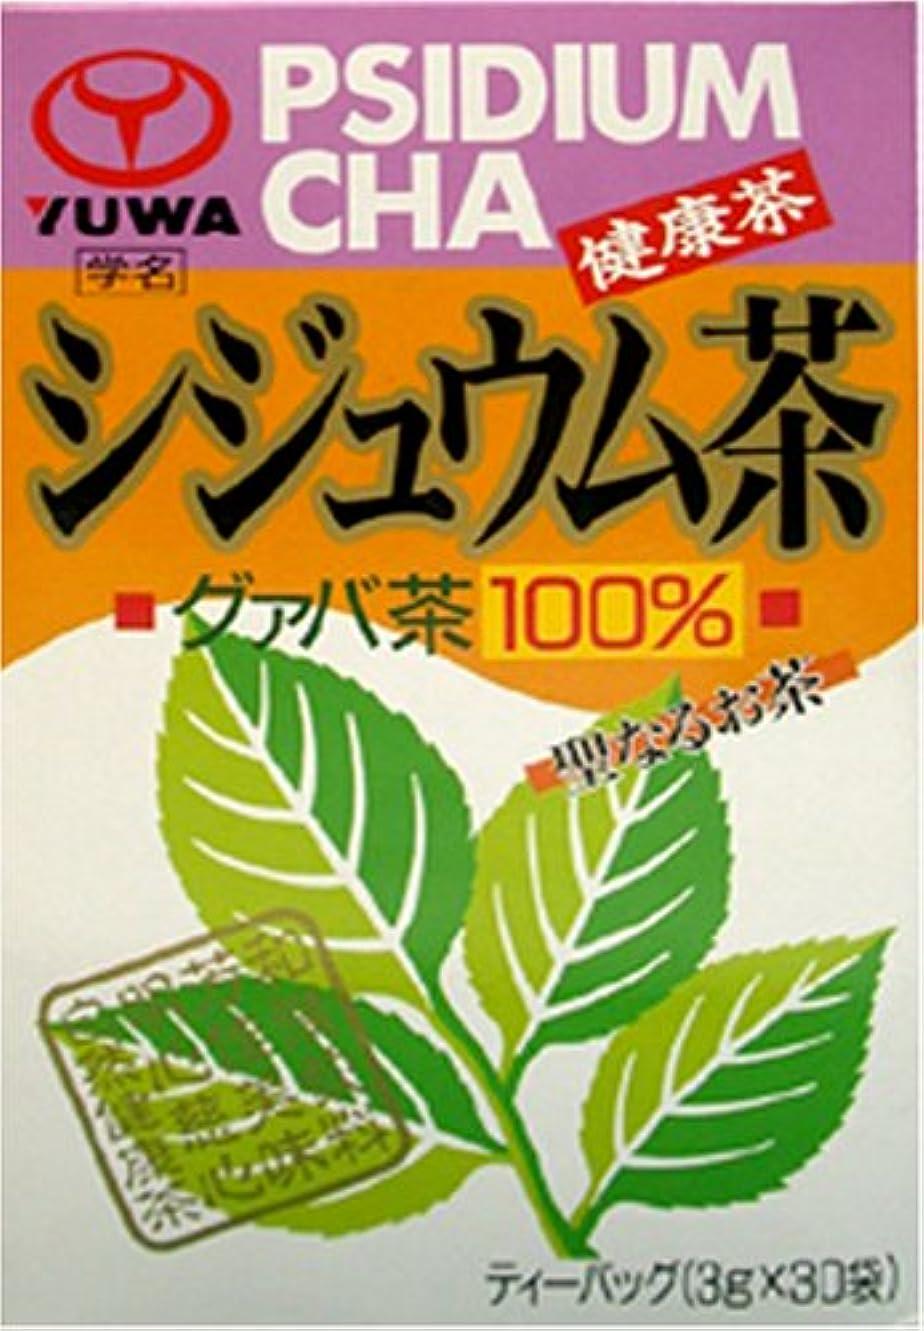 ミスアレンジ集まるユーワ シジュウム茶 30包